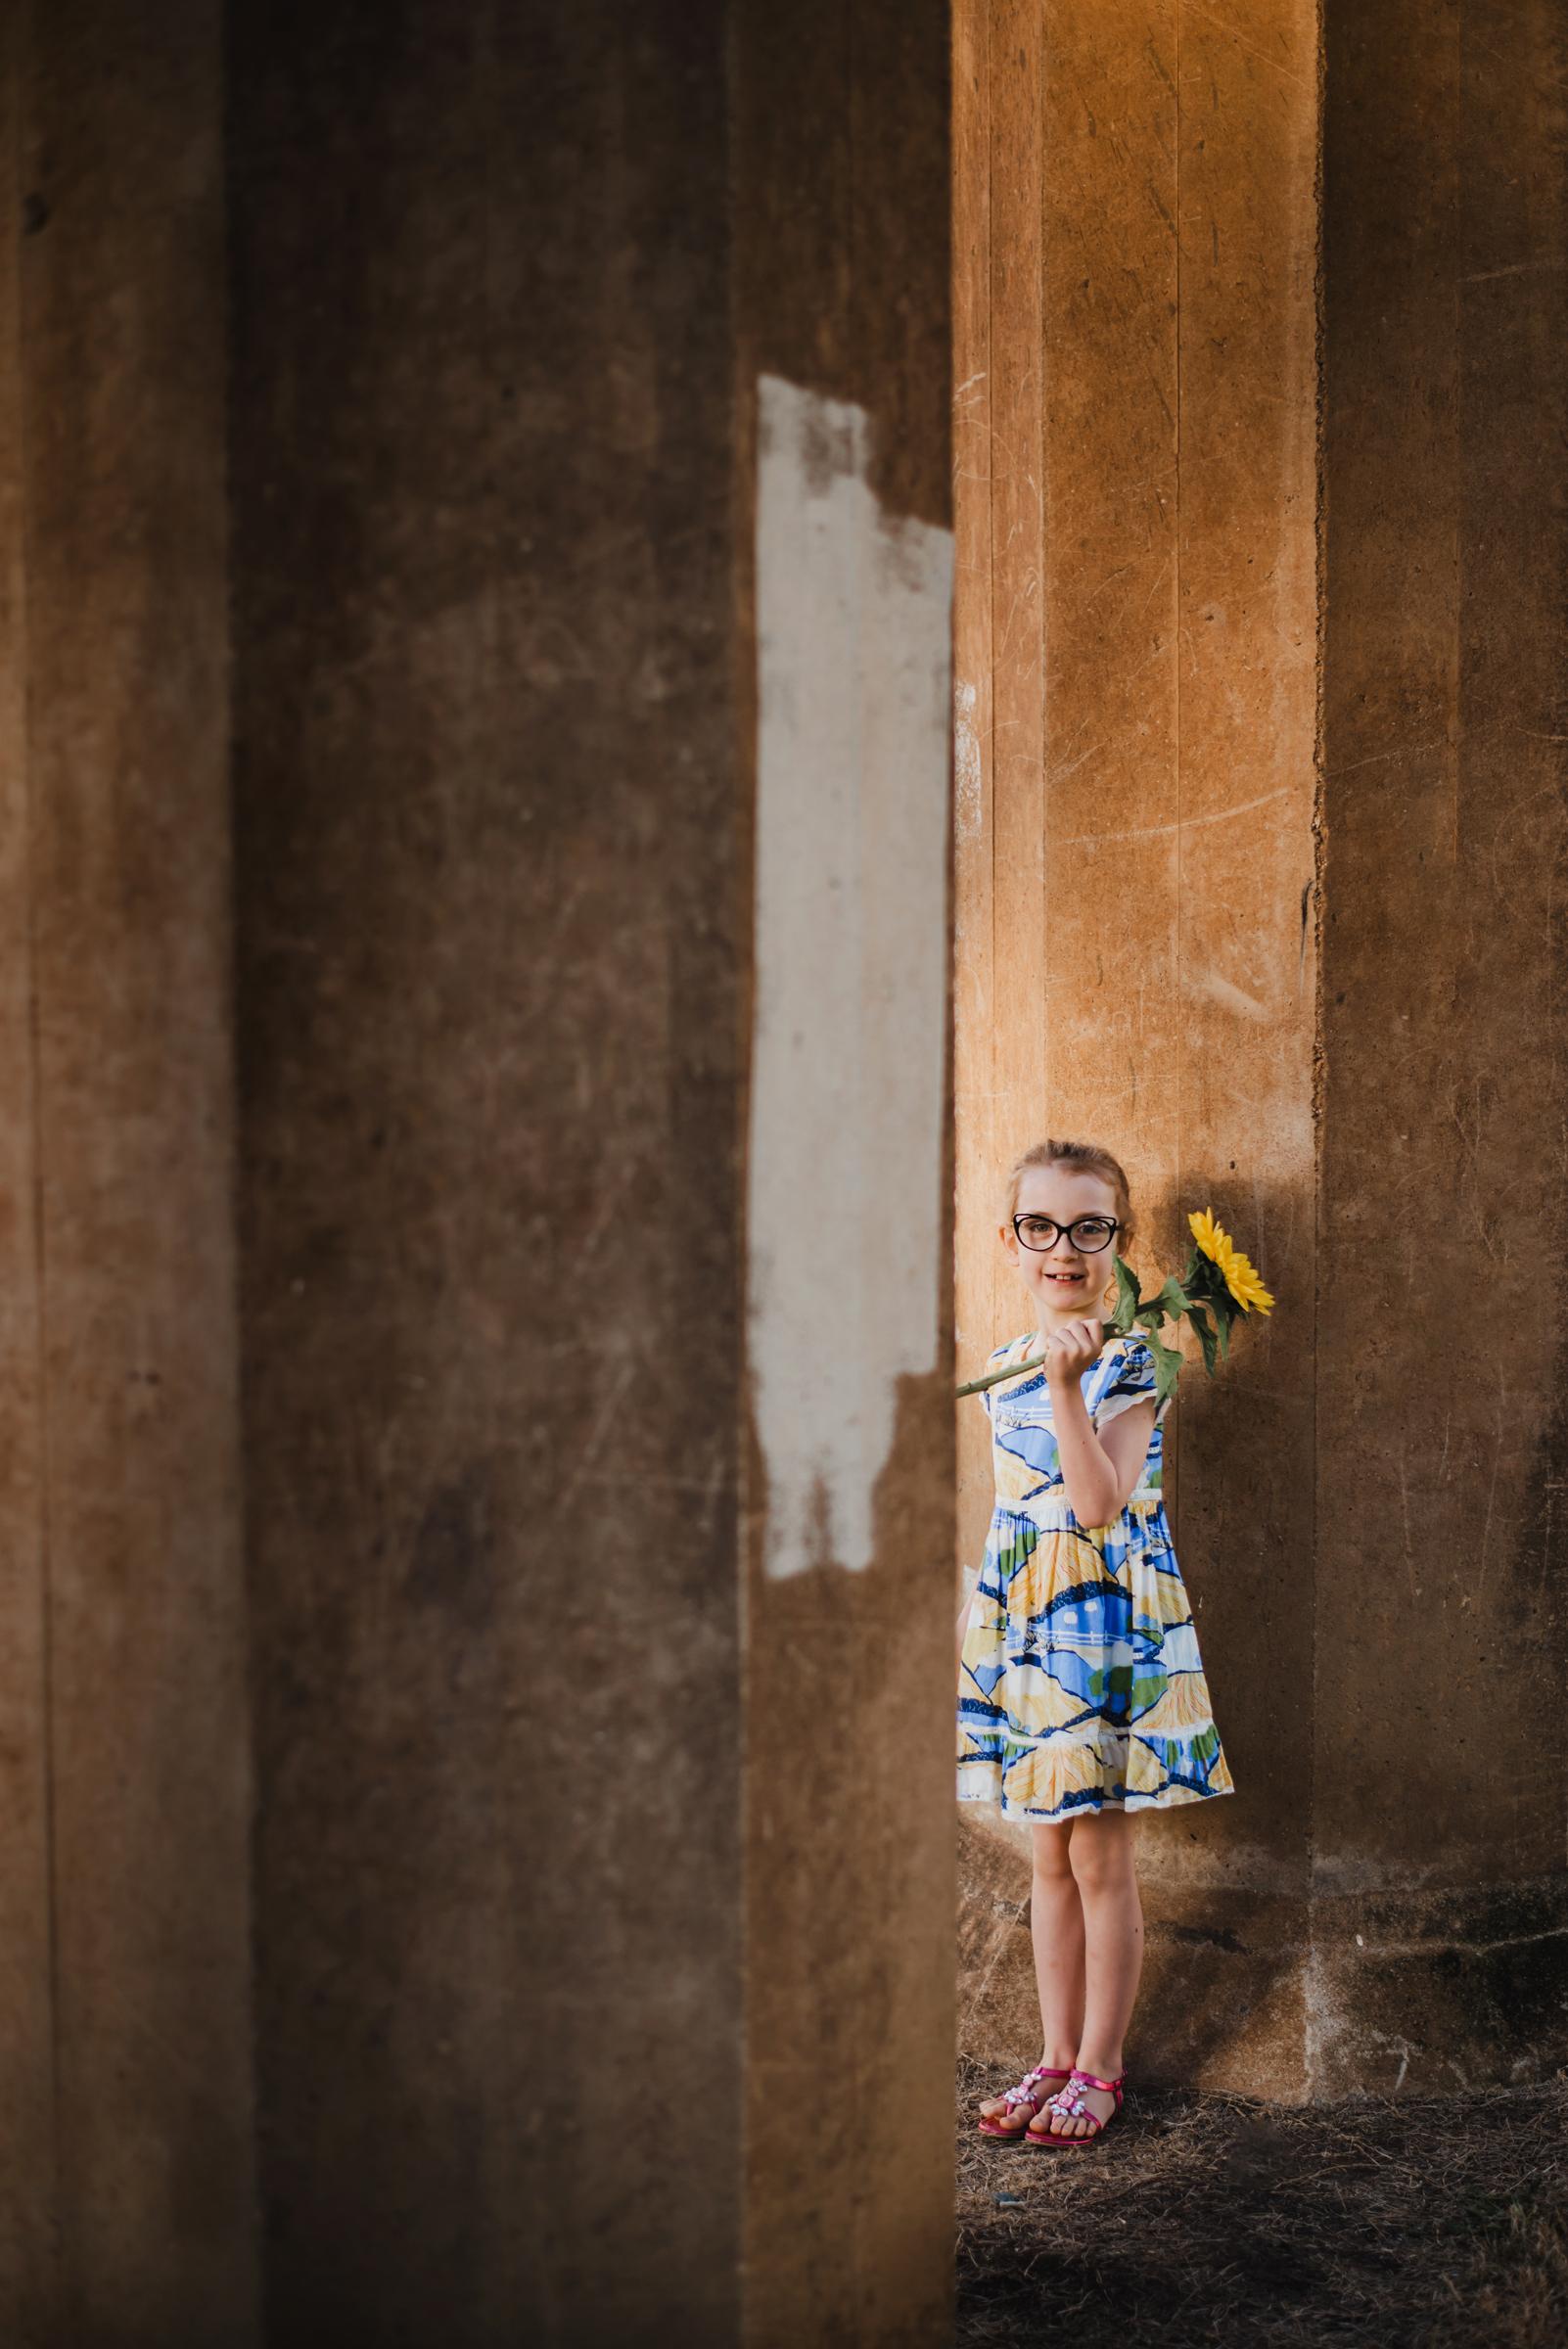 Brisbane_child_portrait_with_flower.jpg